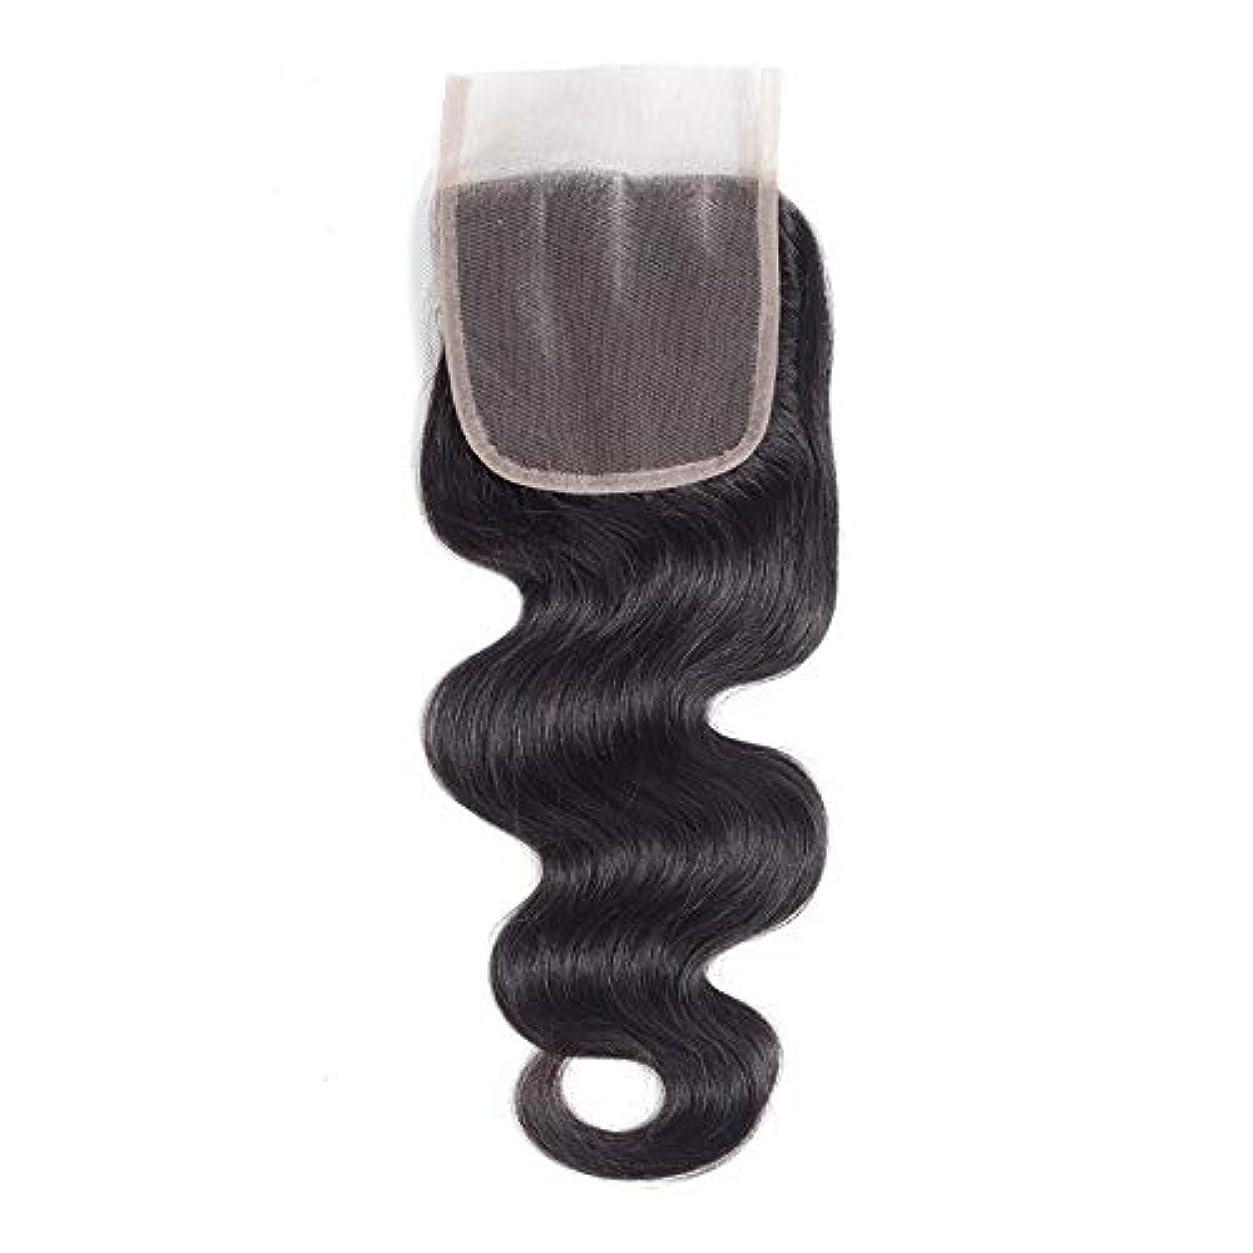 葉巻ミニチュア火傷HOHYLLYA ブラジル実体波巻き毛4 x 4インチレース閉鎖無料部分100%本物の人間の髪の毛の自然な色(8インチ-20インチ)長い巻き毛のかつら、 (色 : 黒, サイズ : 16 inch)